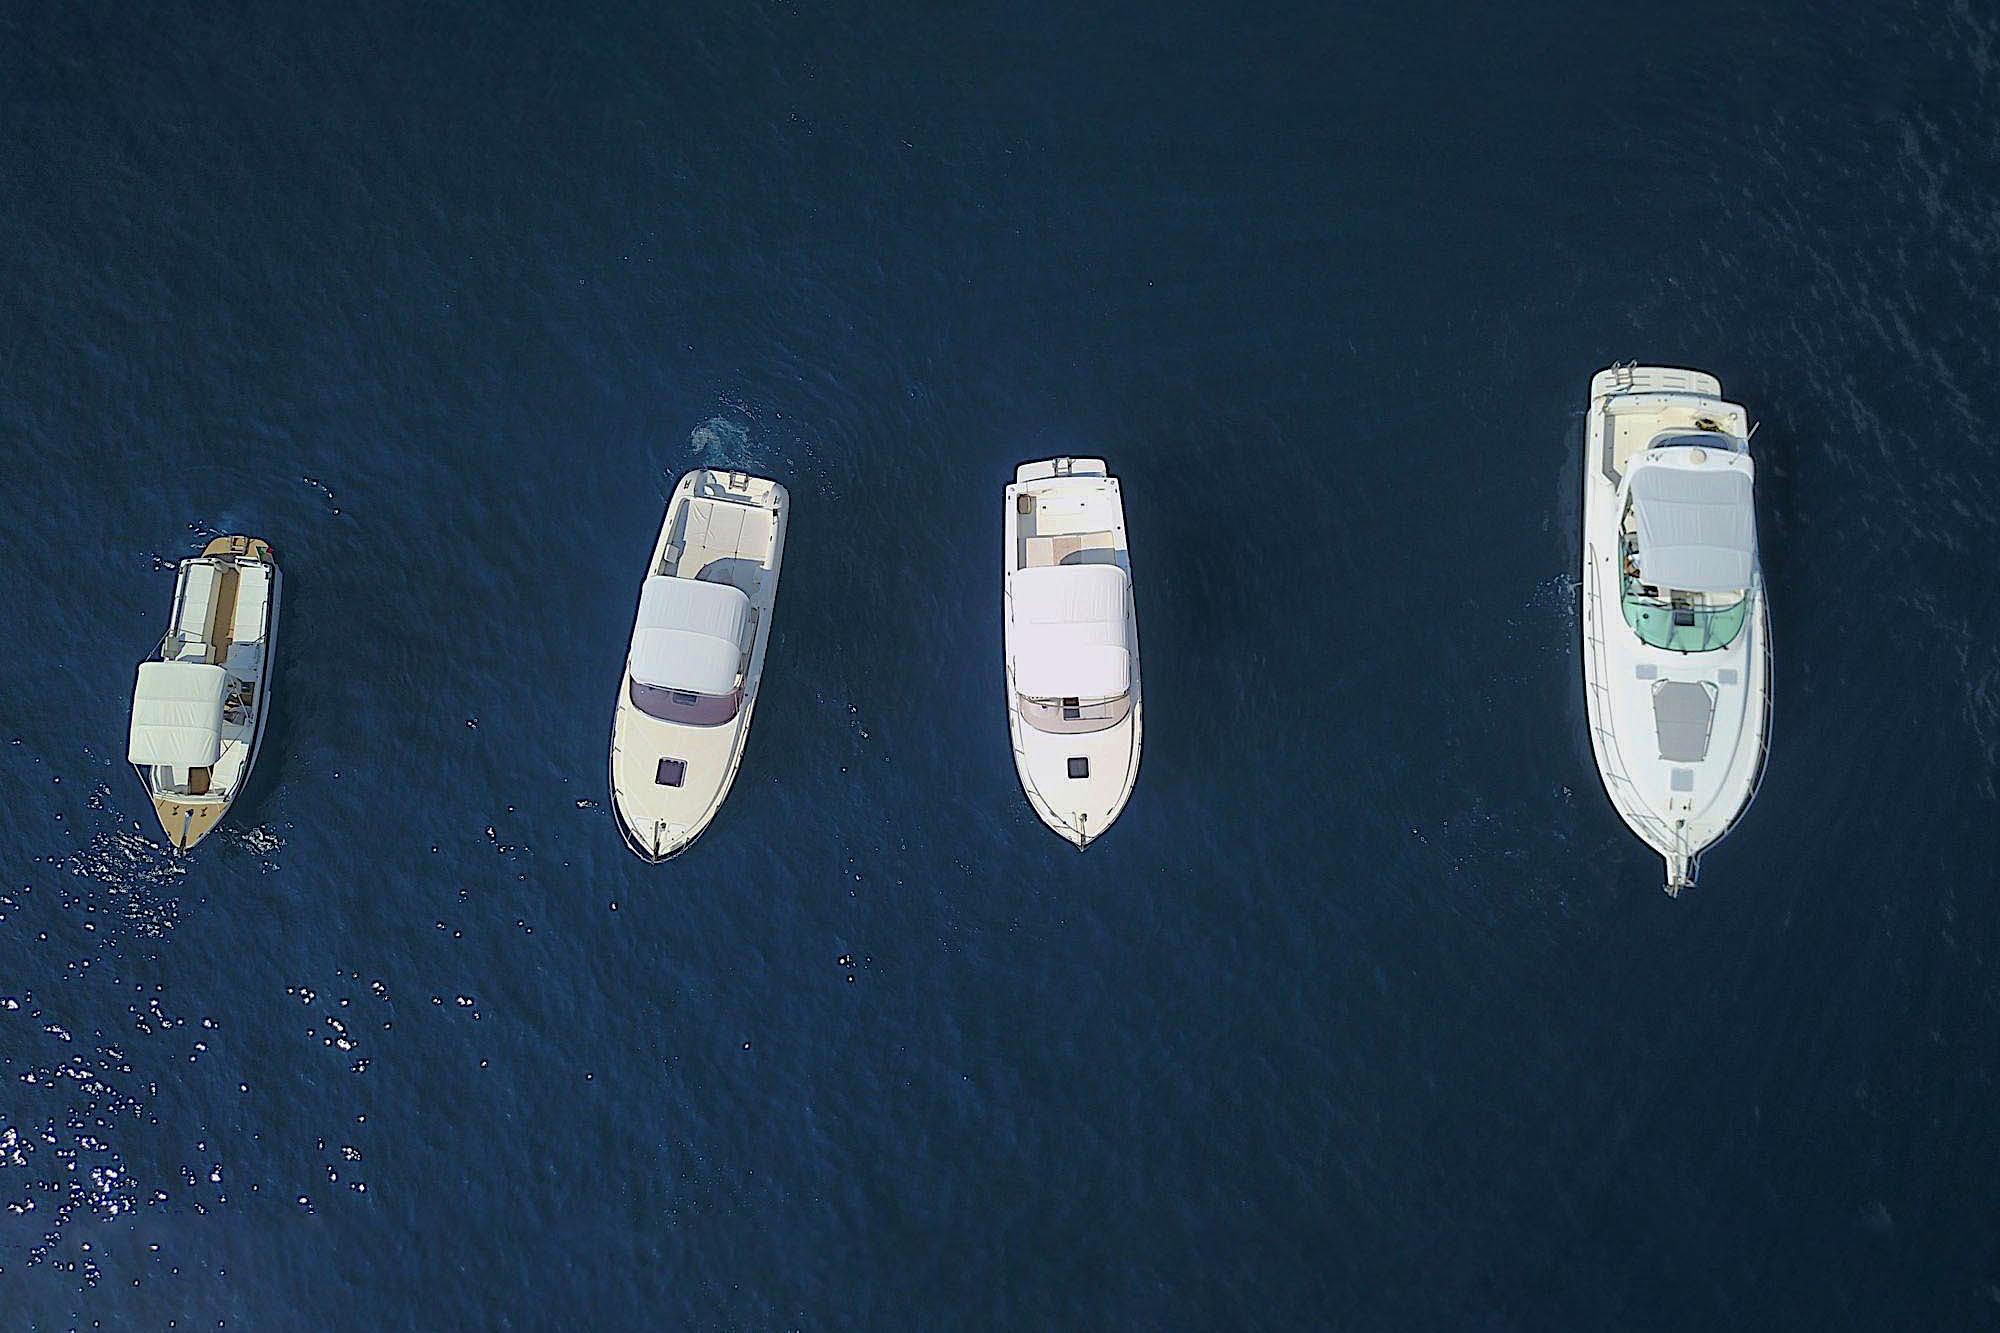 Cesare Charter Portofino - our fleet